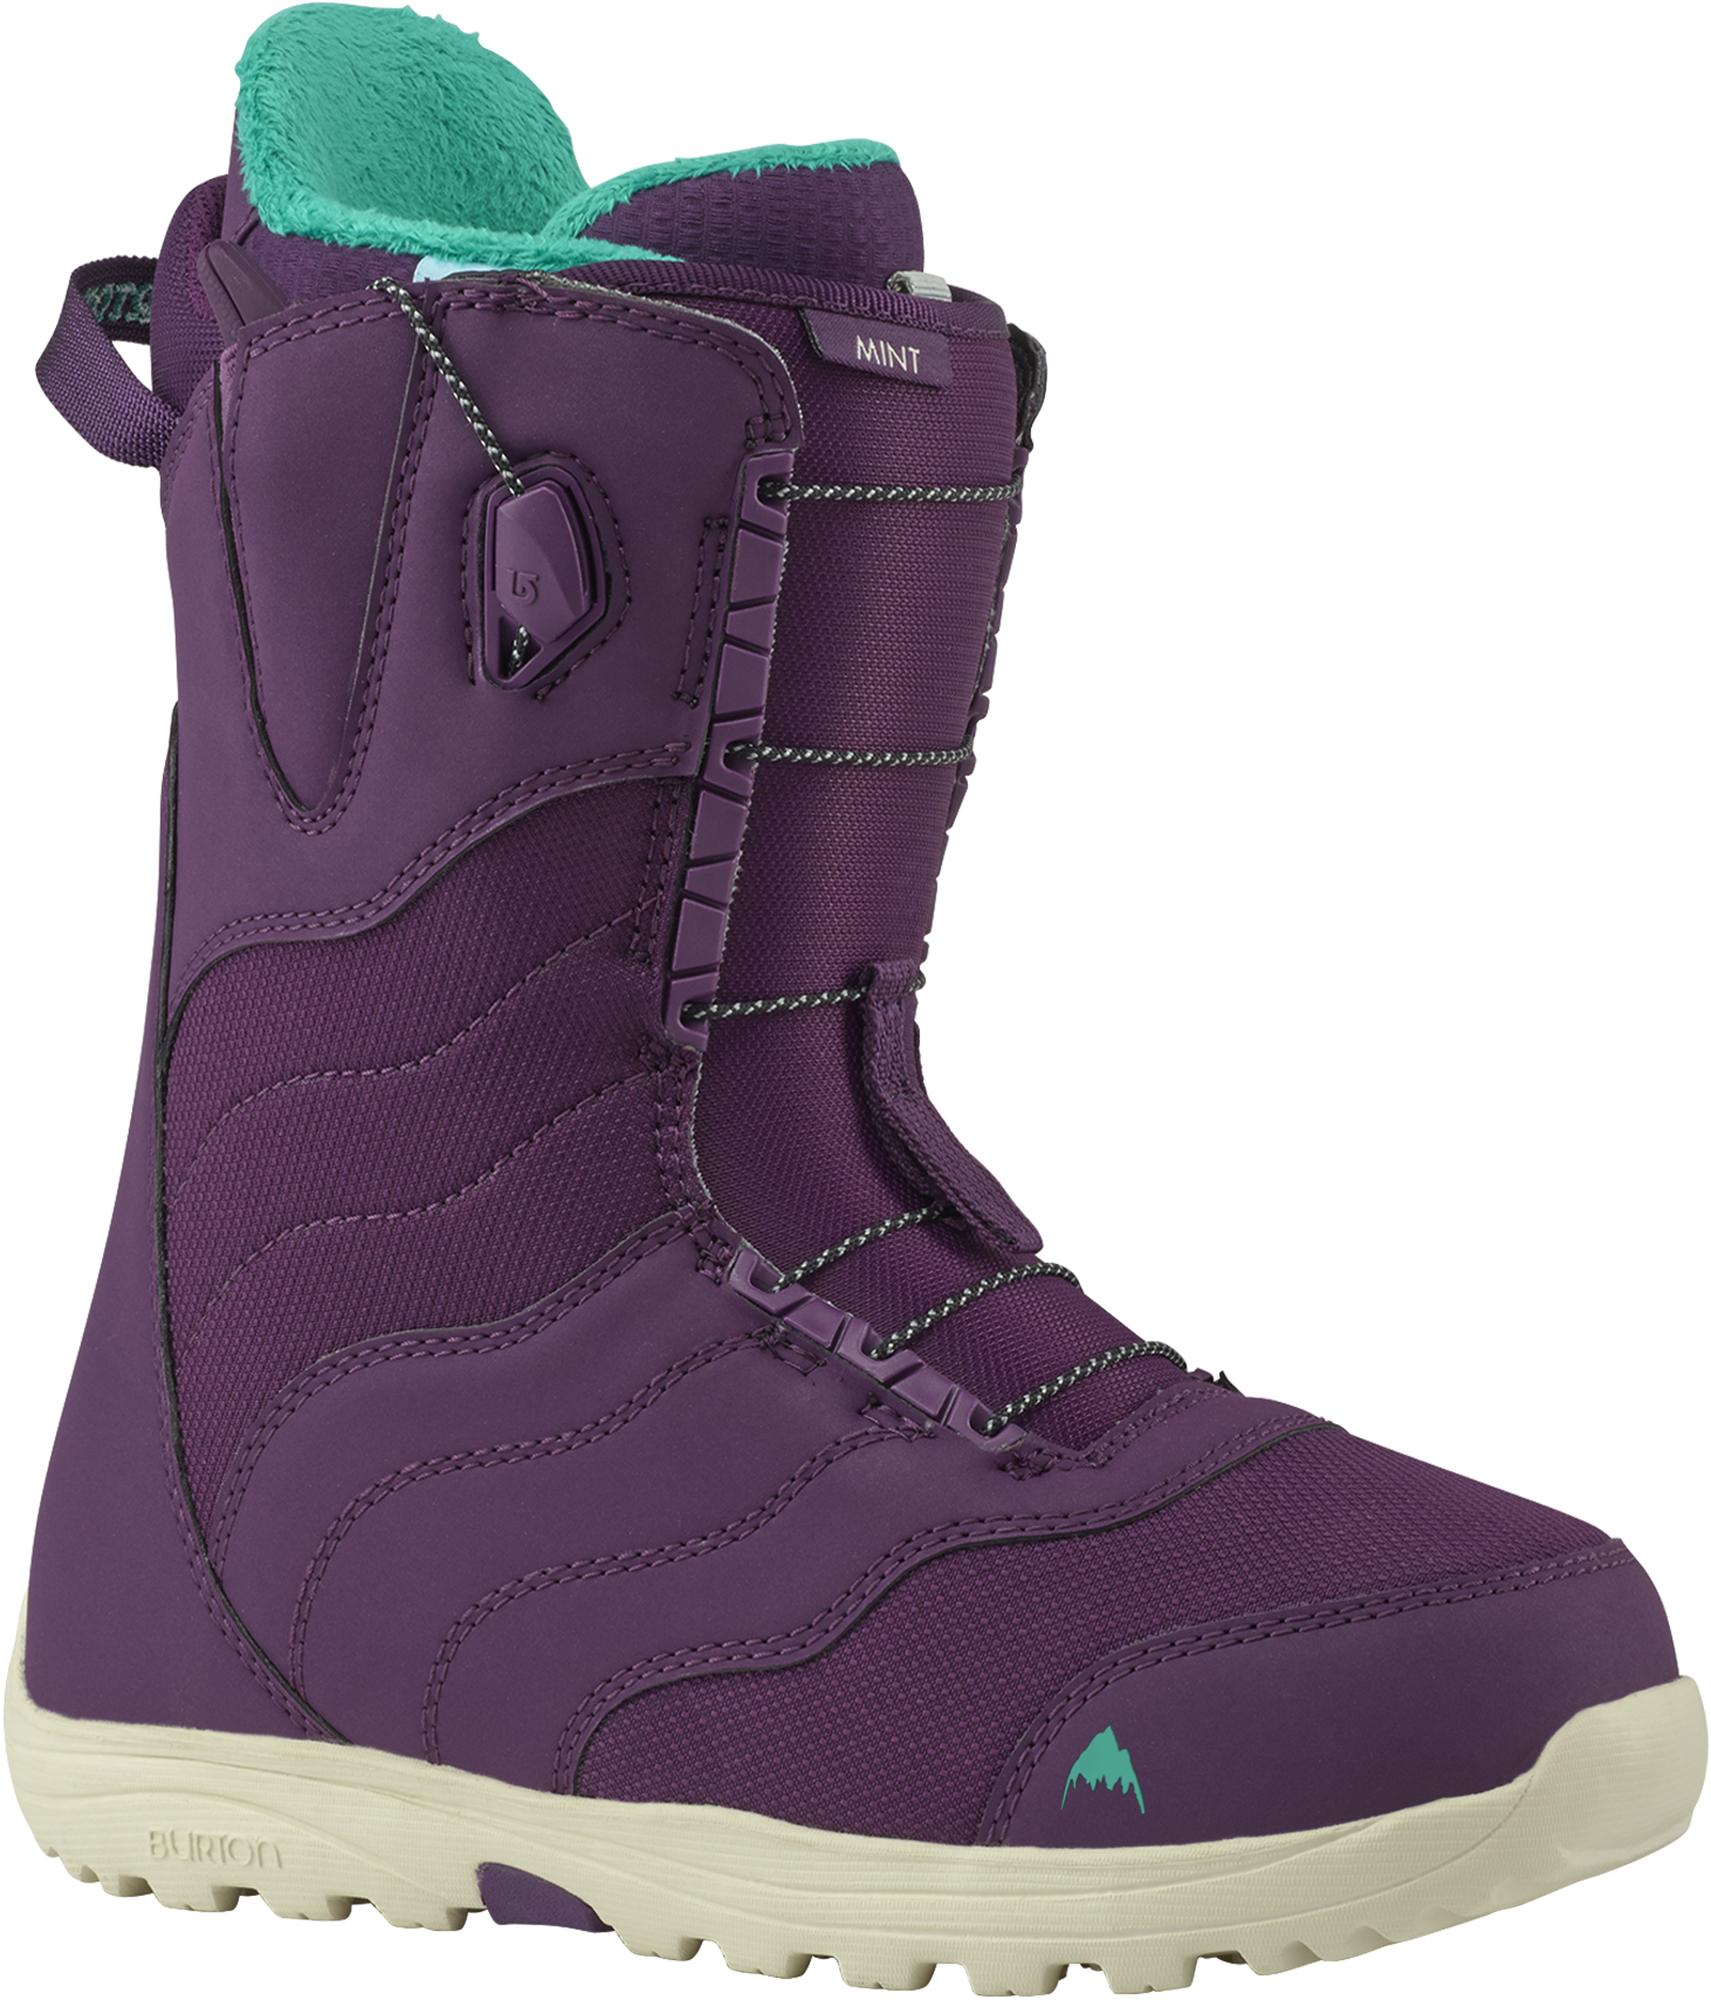 Burton Сноубордические ботинки женские Burton Mint, размер 39,5